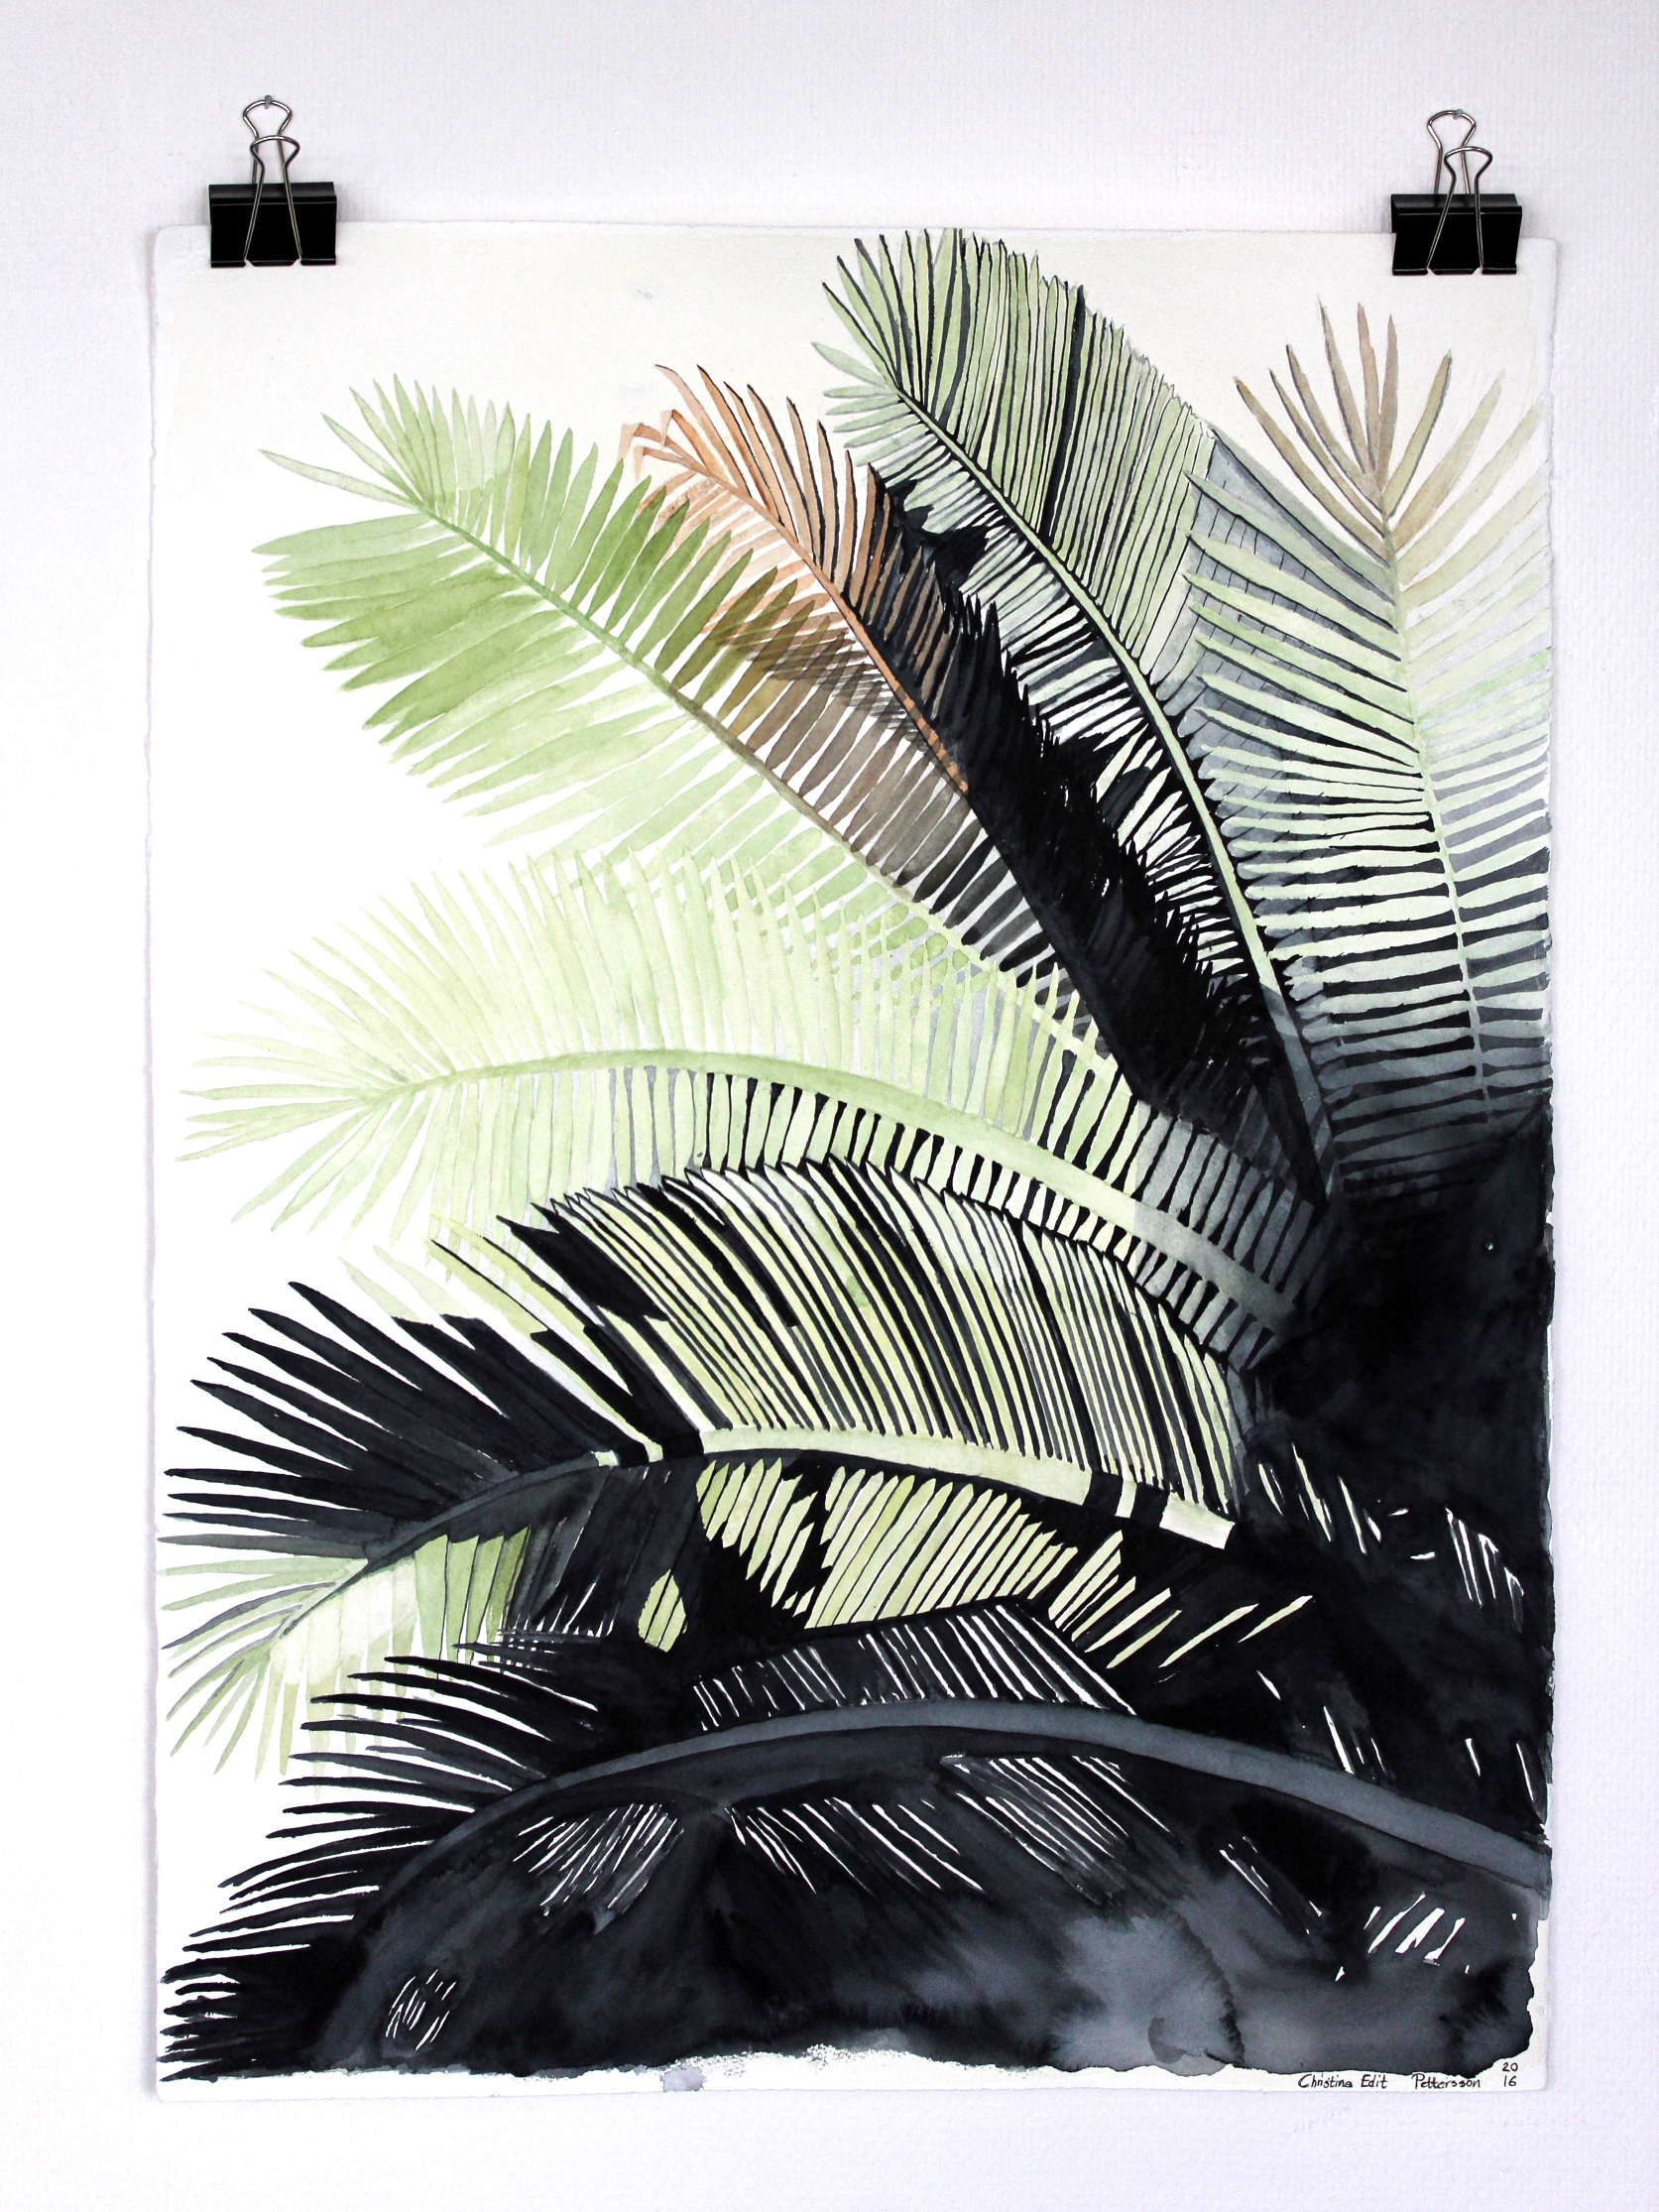 Bläck, blyerts & Akvarell